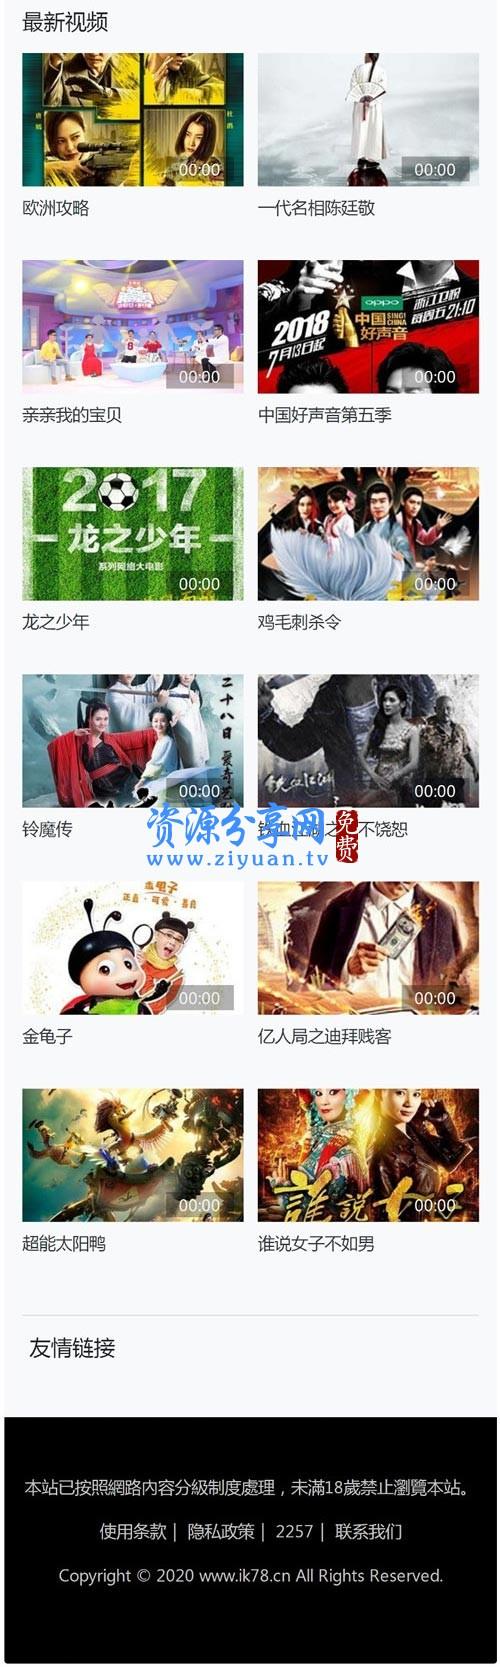 麻豆影视源码 苹果 cmsV10+七色中文+二开苹果 cms 视频小说网站源码模板